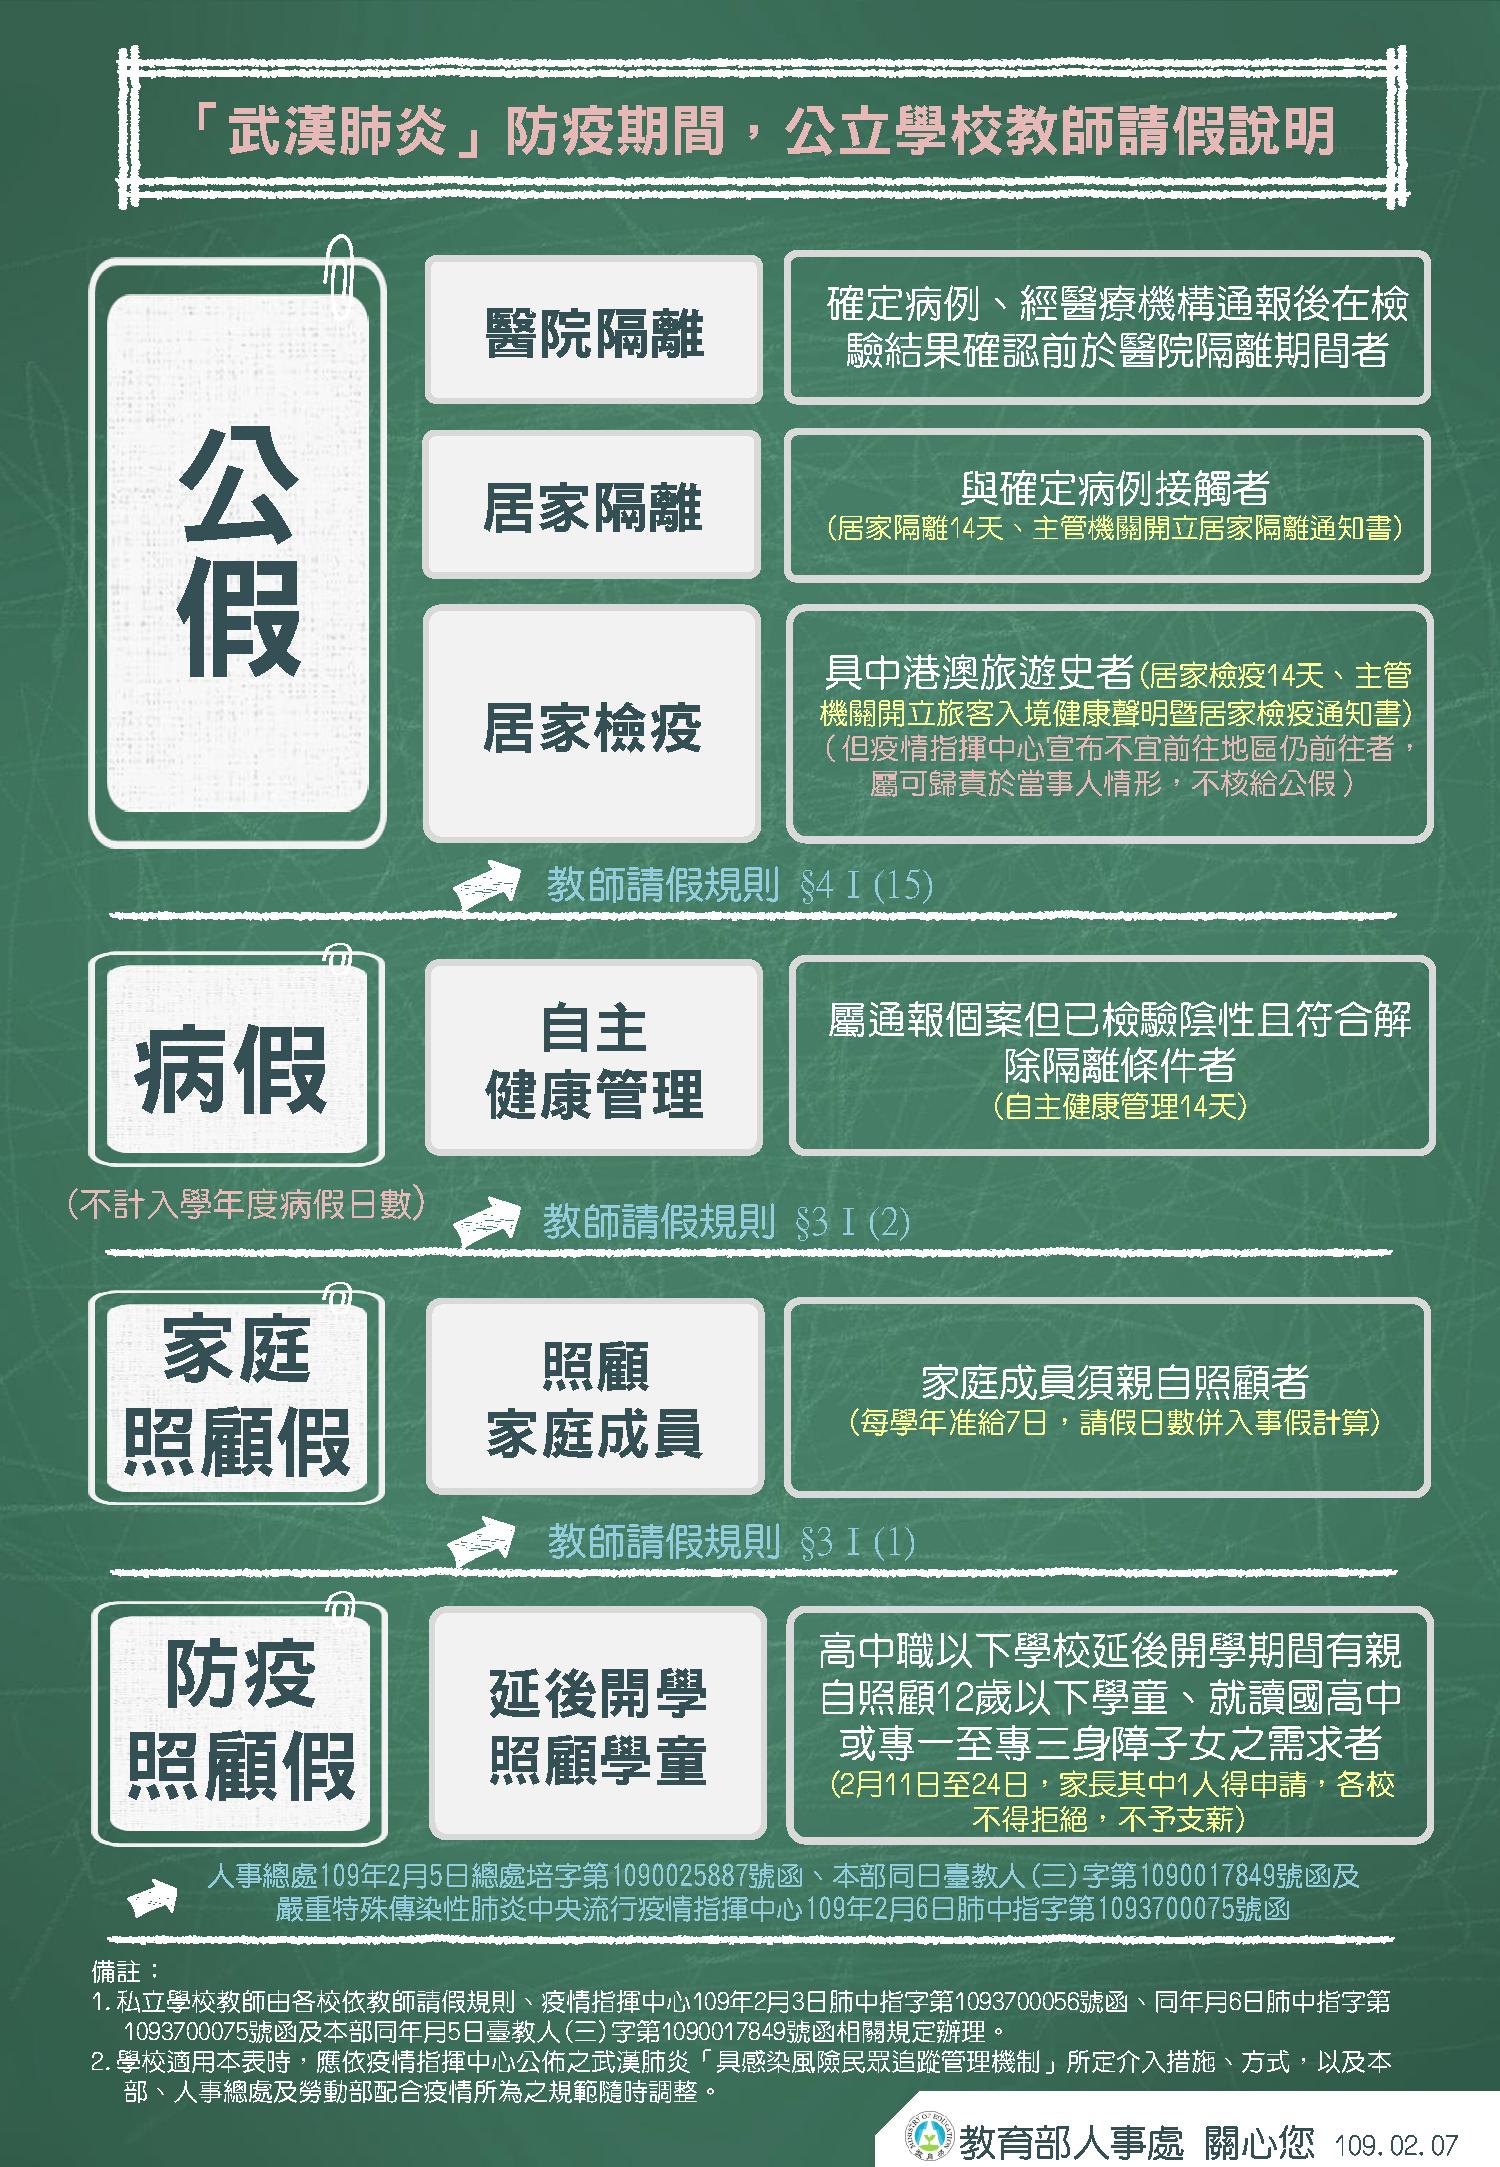 教育部人事處-武漢肺炎防疫期間,公立學校教師請假說明宣導海報